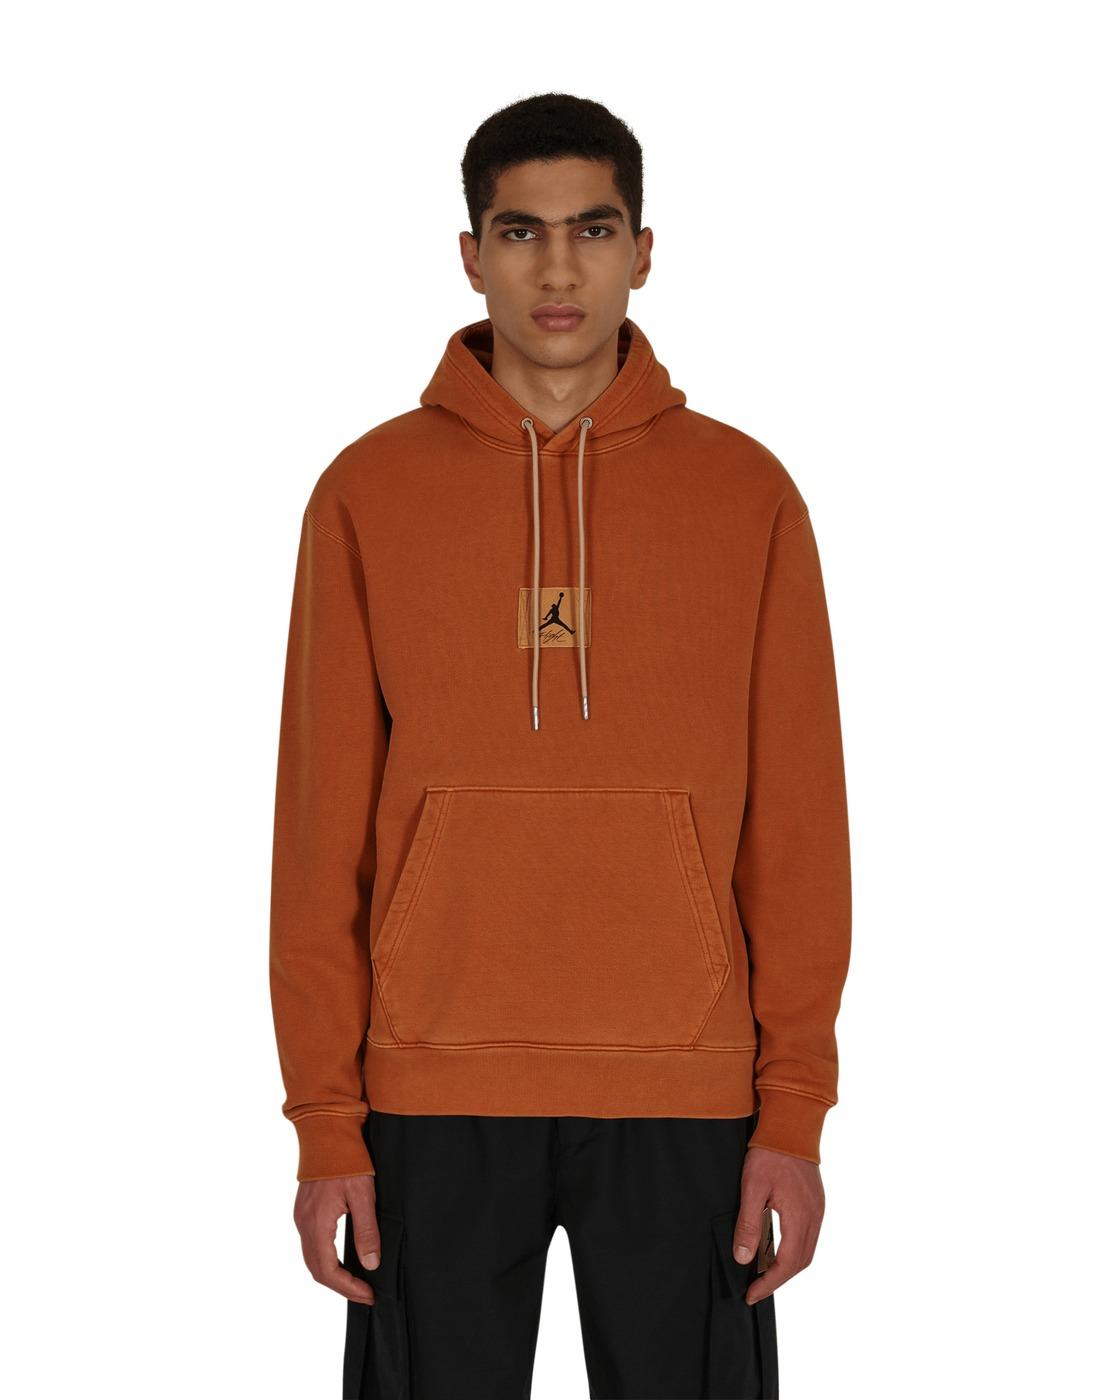 Photo: Nike Jordan Flight Heritage Hooded Sweatshirt Dark Russet